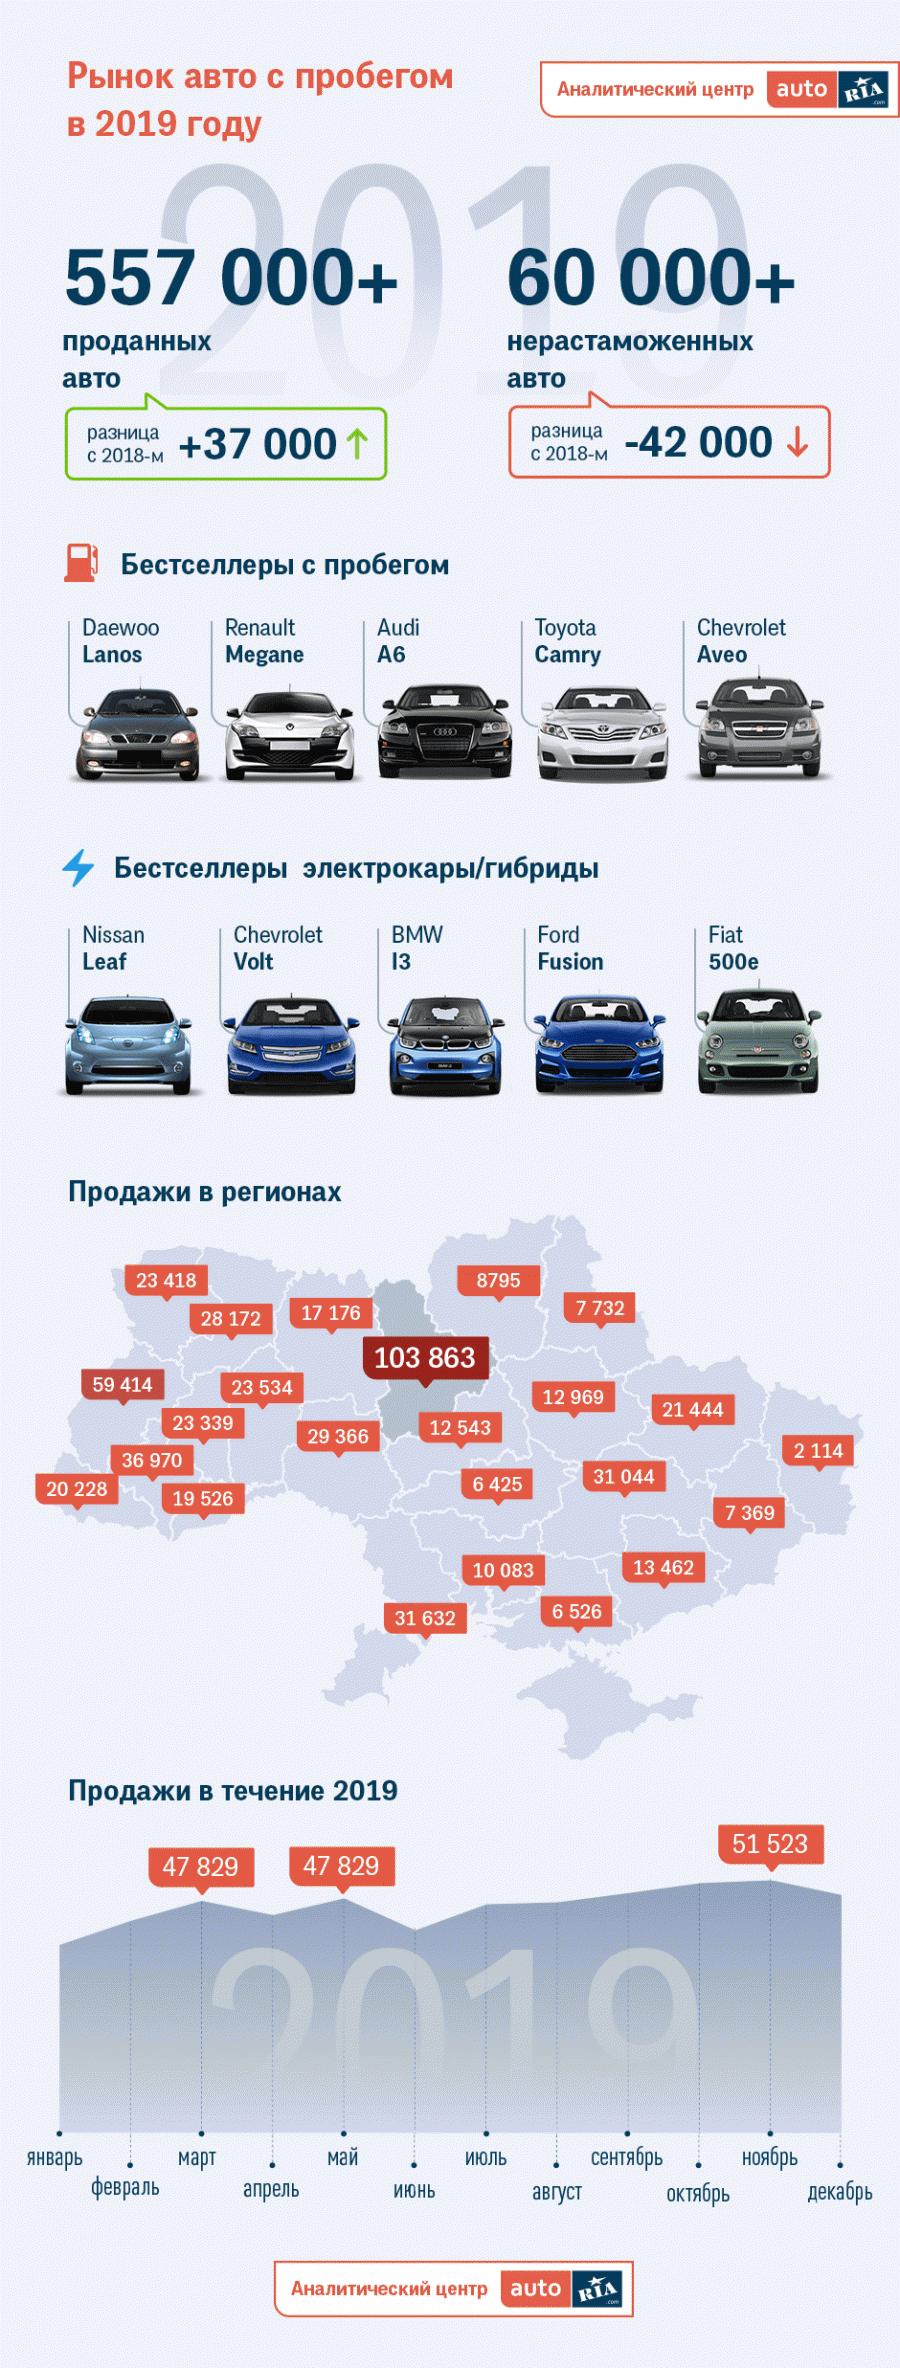 Активнее всего покупали б/у авто в Киевской области - каждое шестое авто продано именно в этом регионе